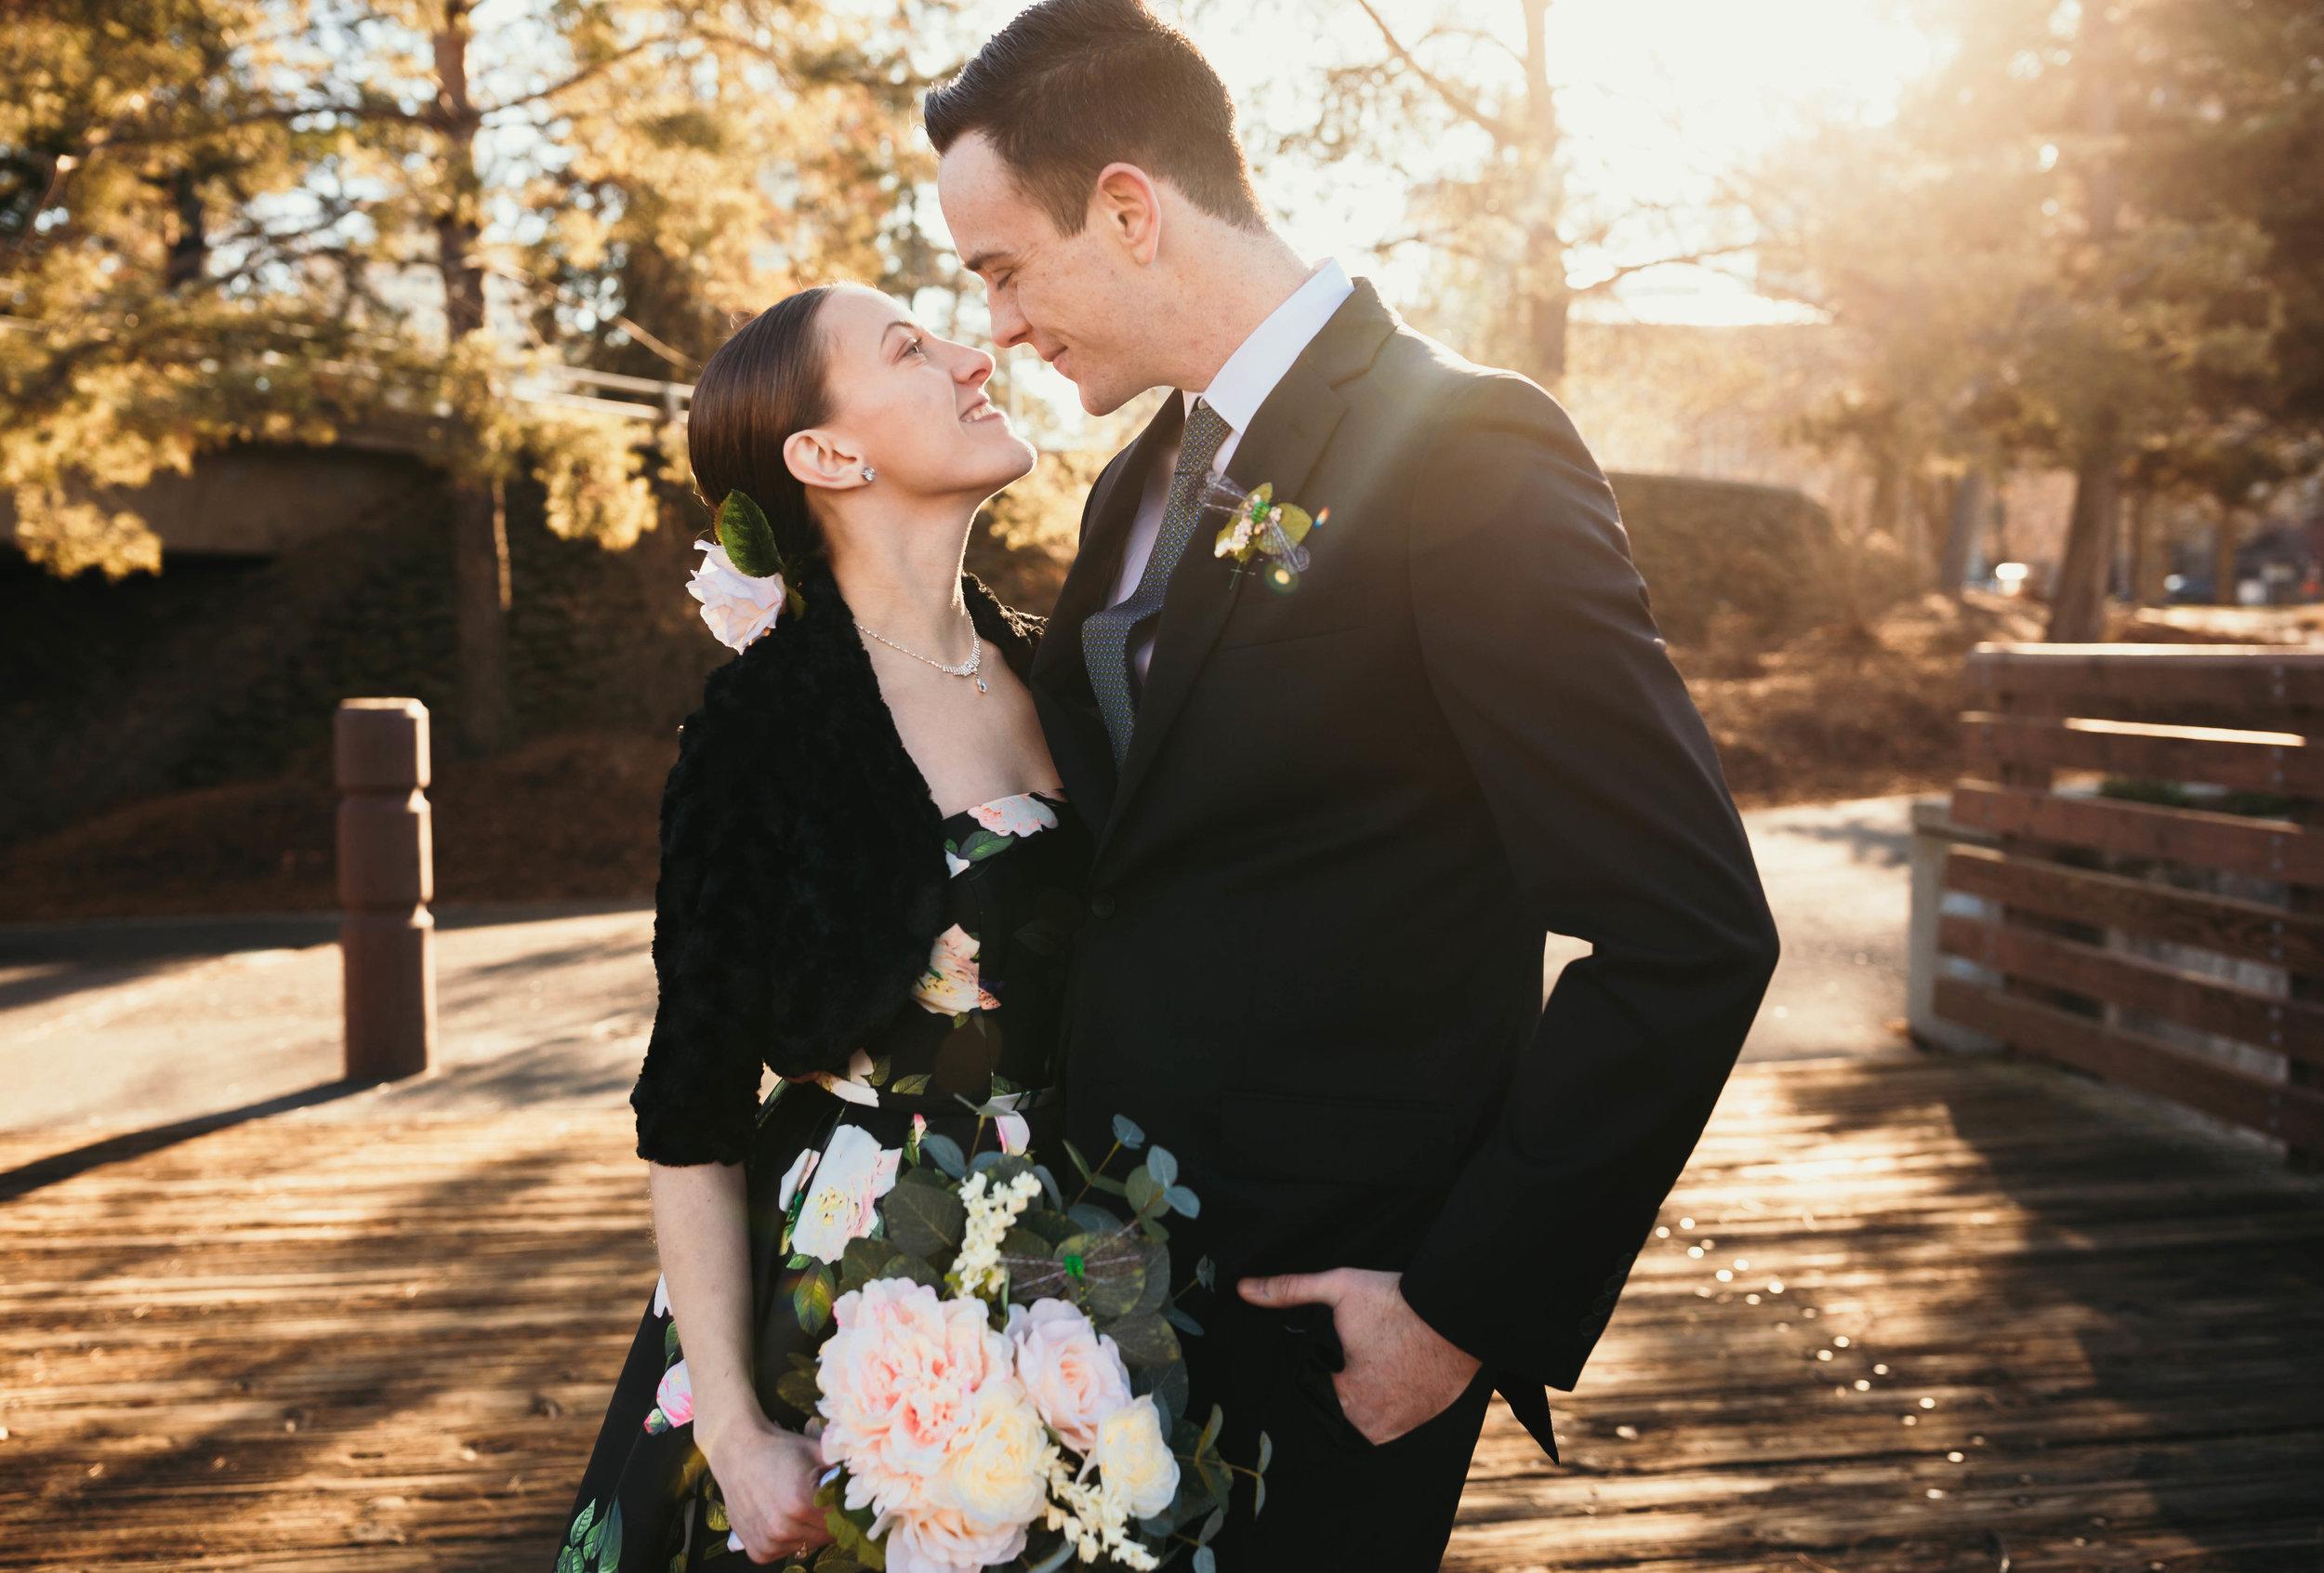 izzy+jacob-weddingsneakpeekblog-75.jpg